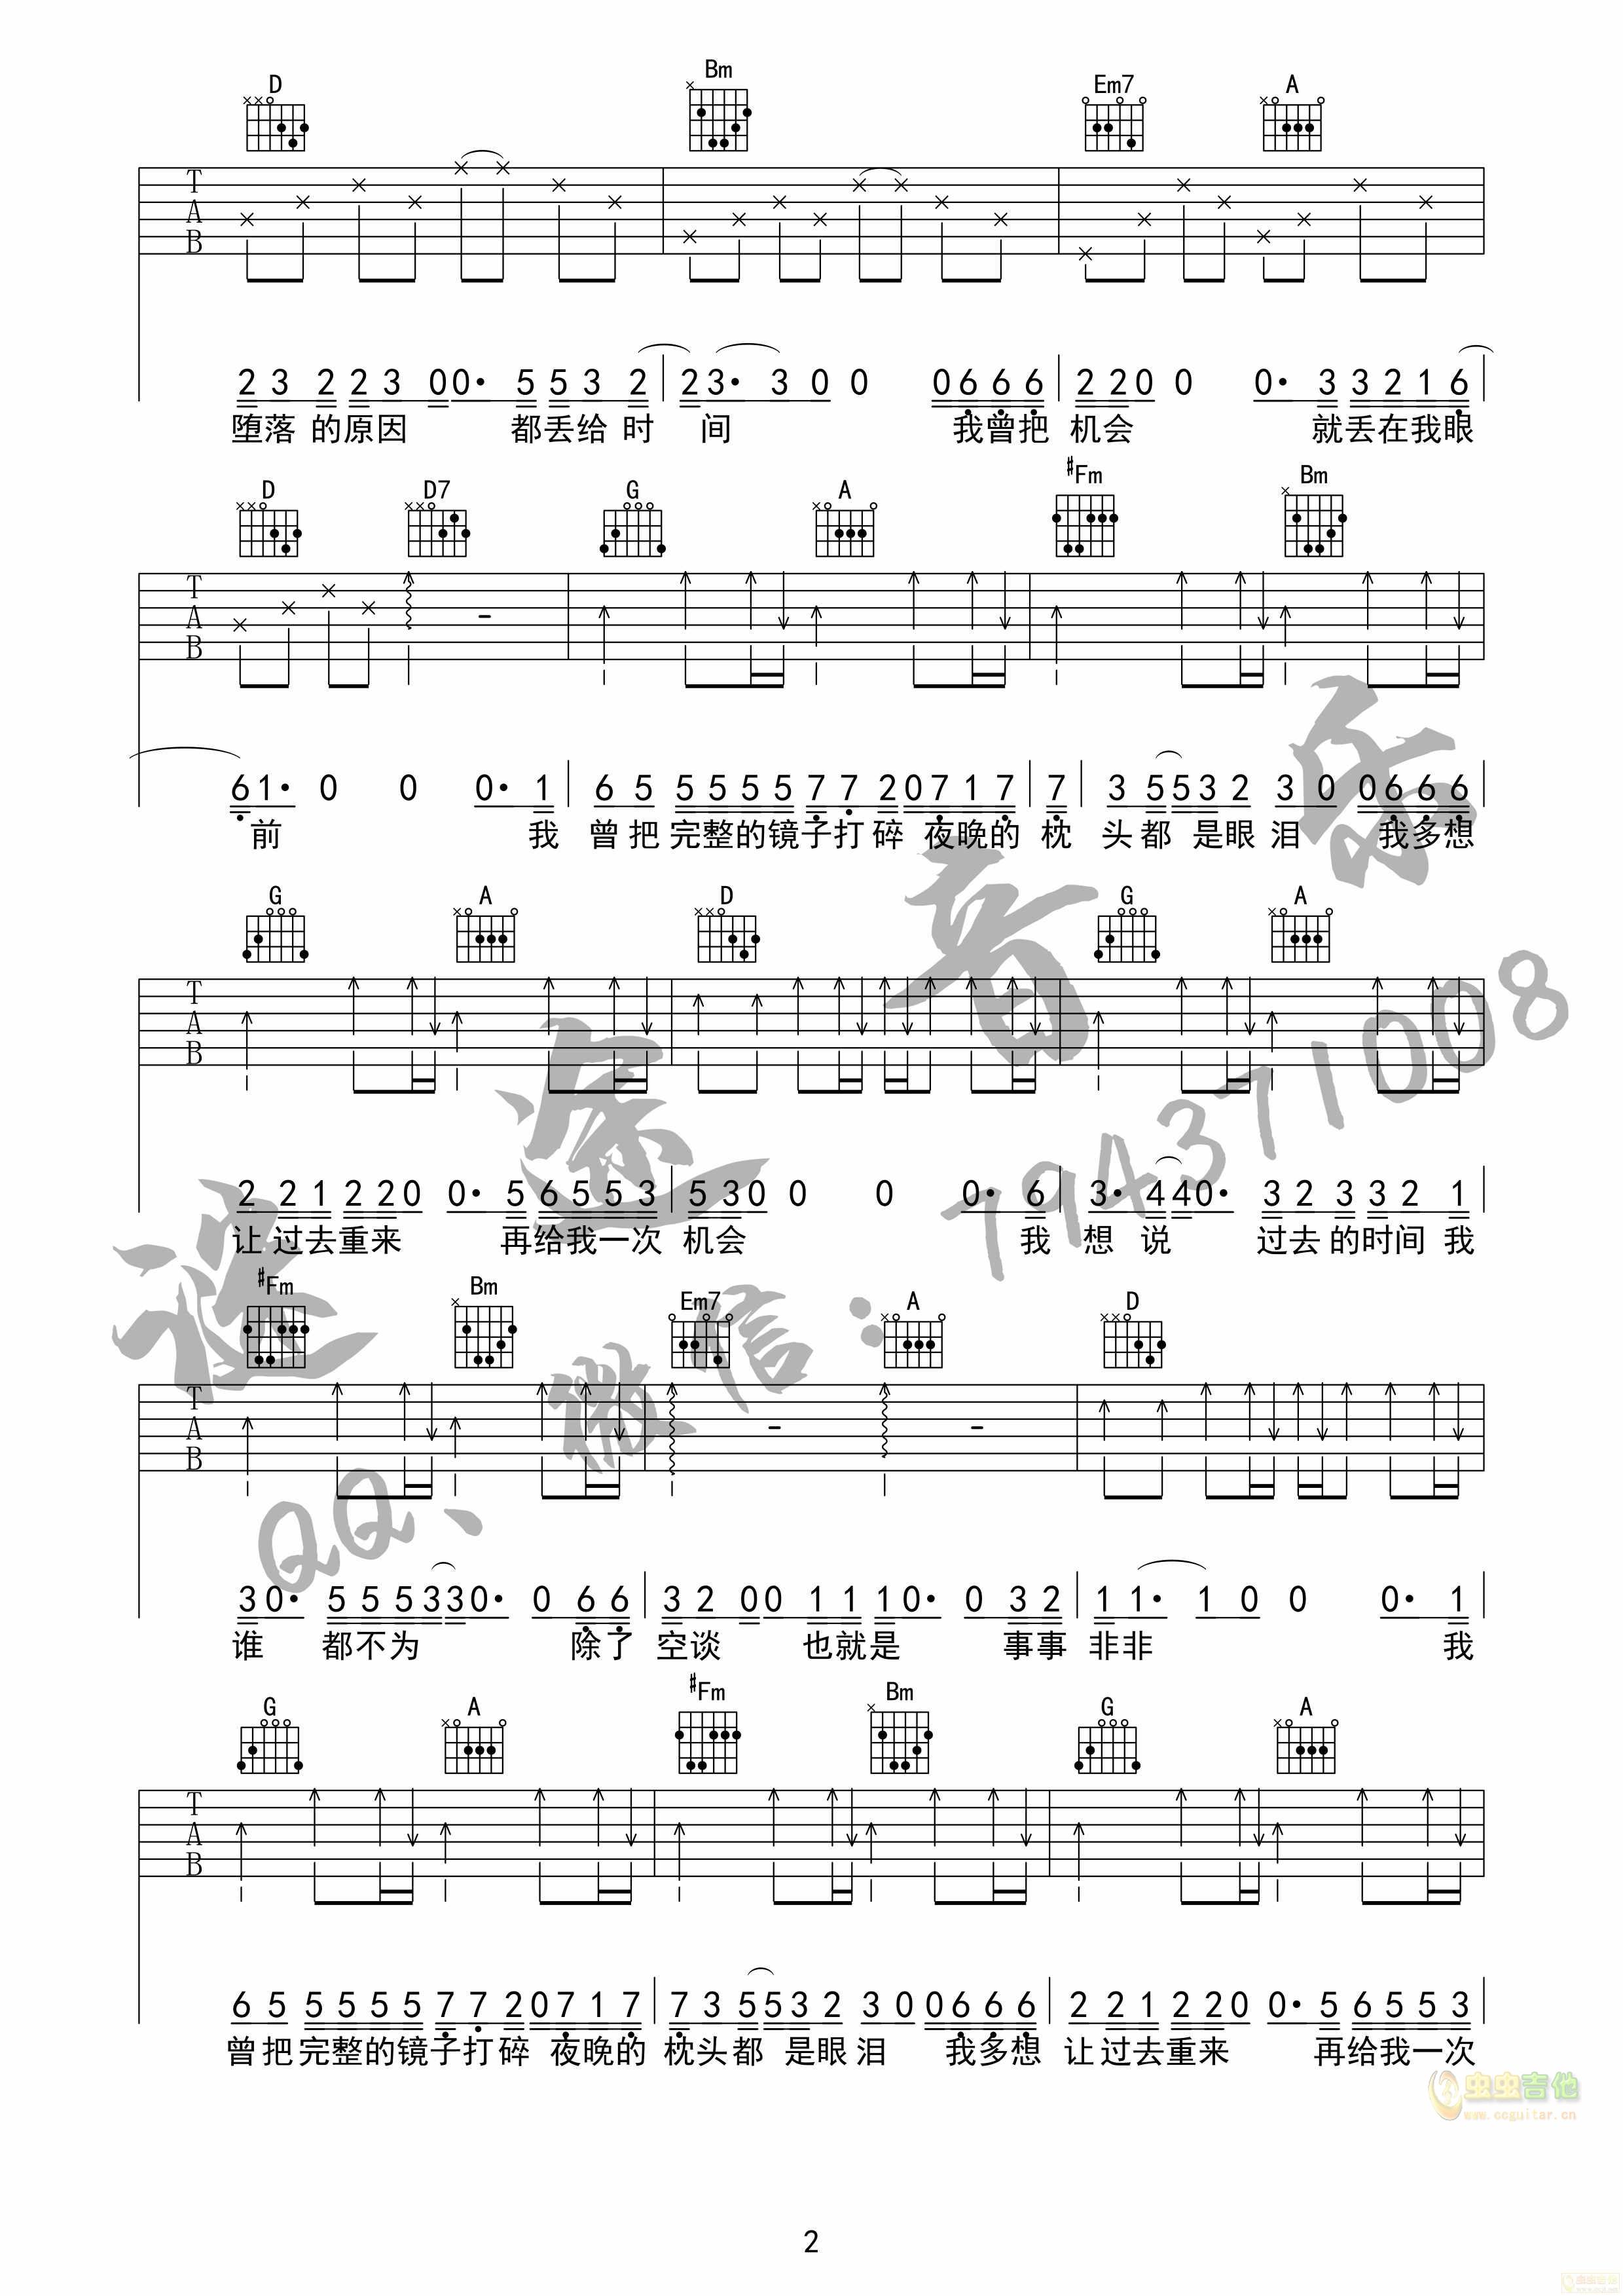 我曾-隔壁老樊谜途音乐原版吉他谱-C大调音乐网